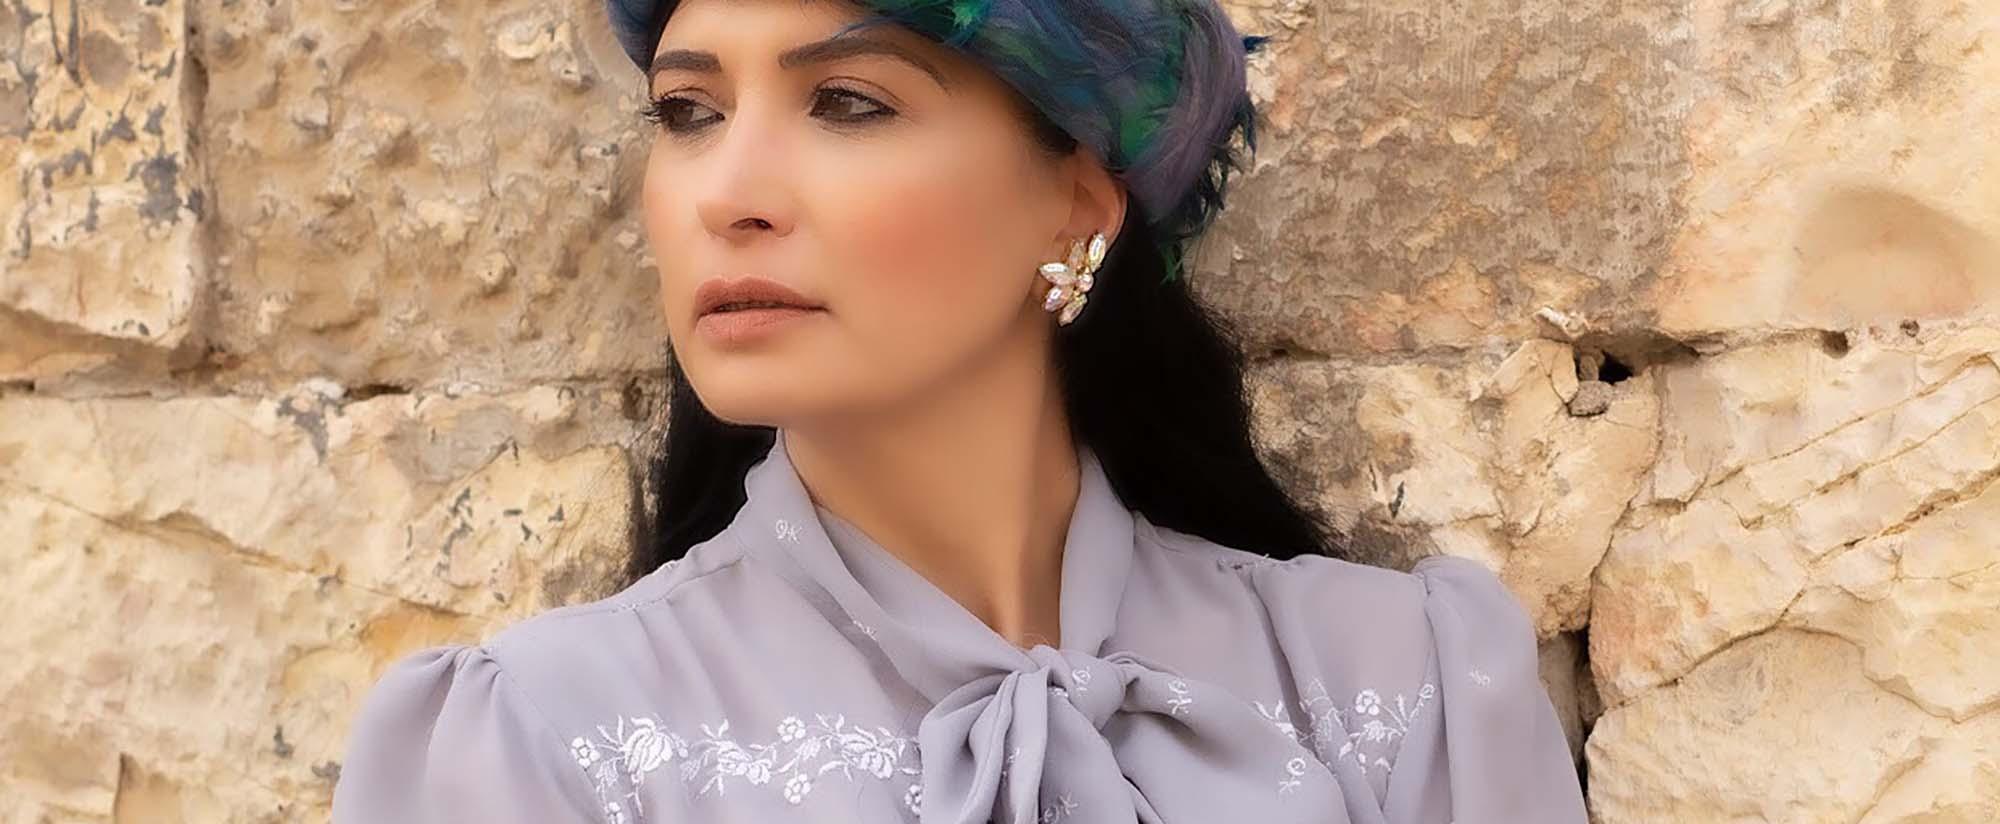 מאיה אושרי כהן, חדשות האופנה, מגזין